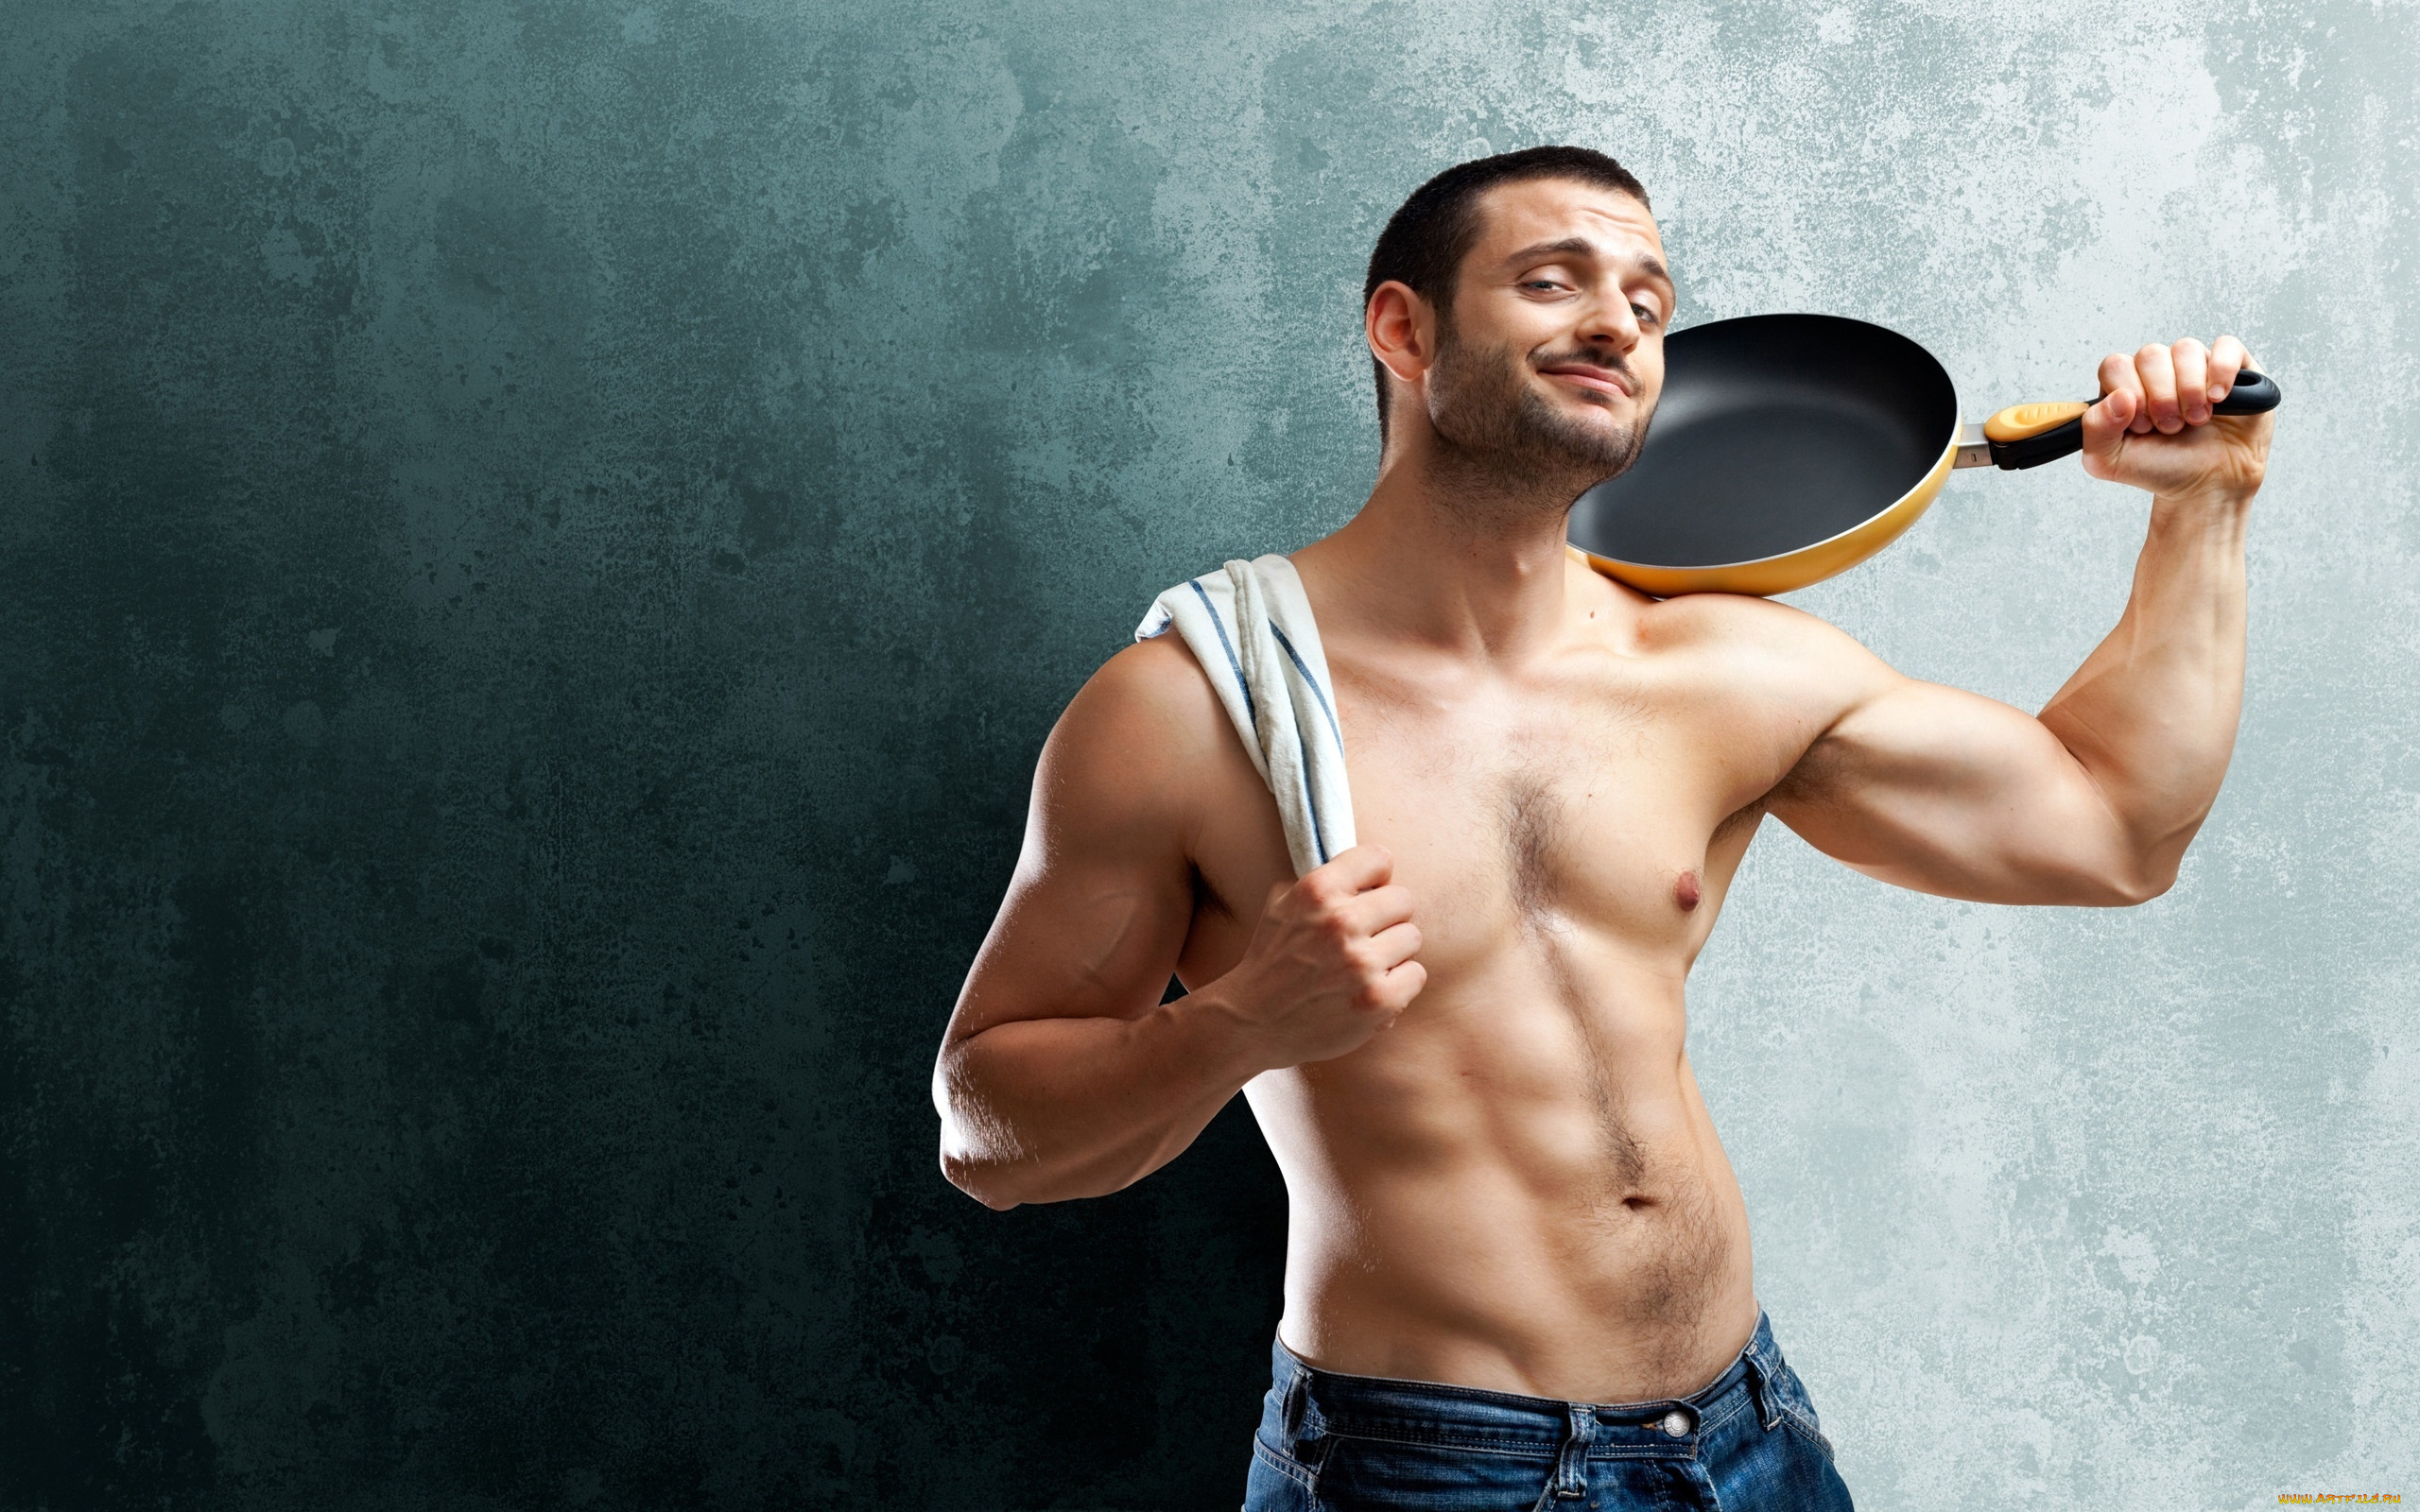 Прикольны картинки про мужиков, тема тебя